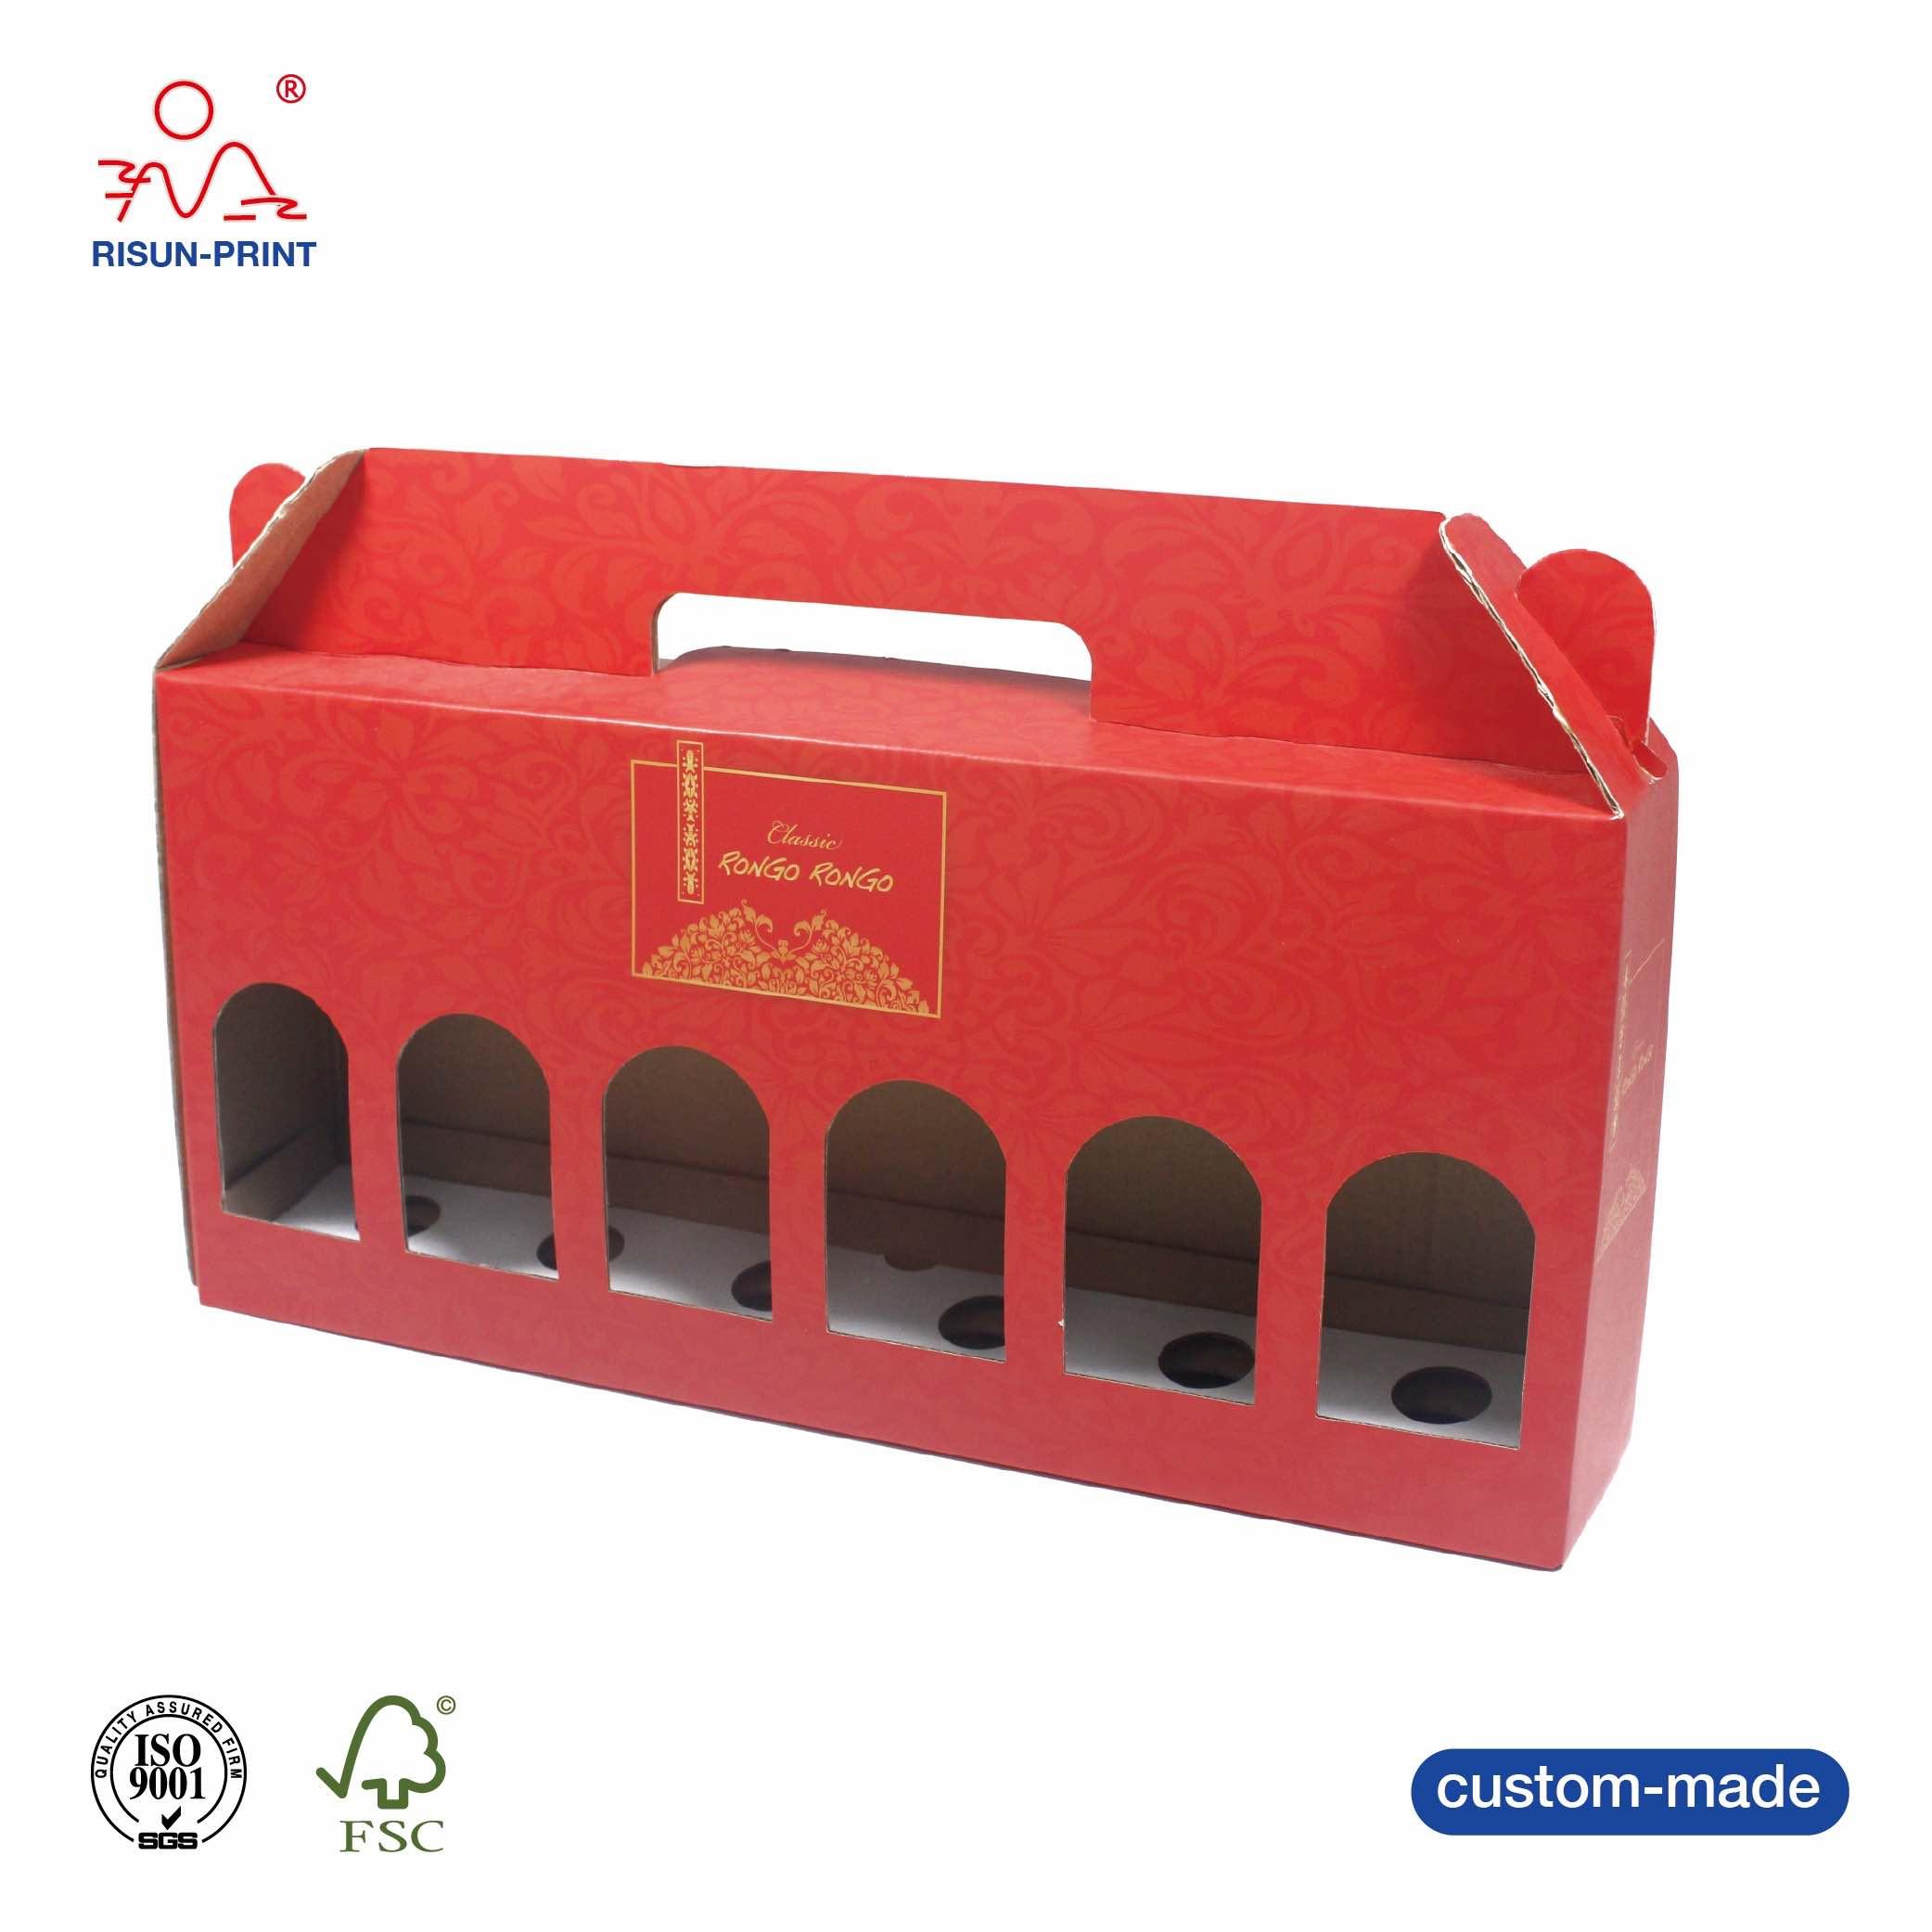 定制高端包装盒印刷分类-济南尚邦佳品包装制品有限公司